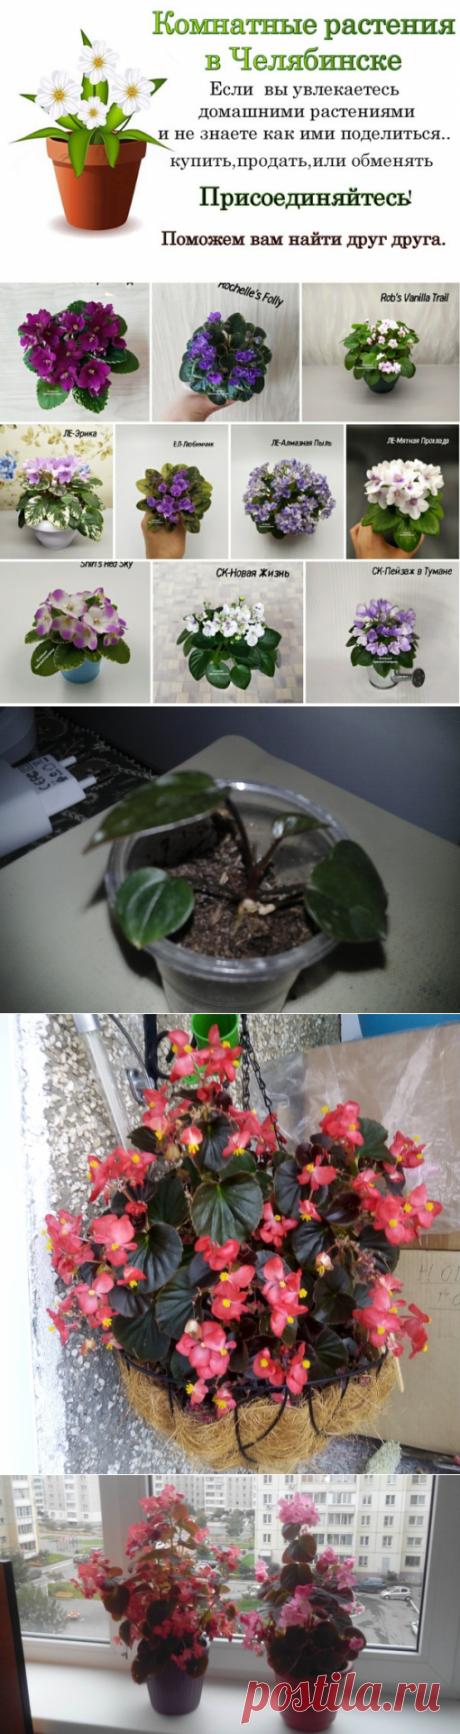 Комнатные растения и цветы.Челябинск